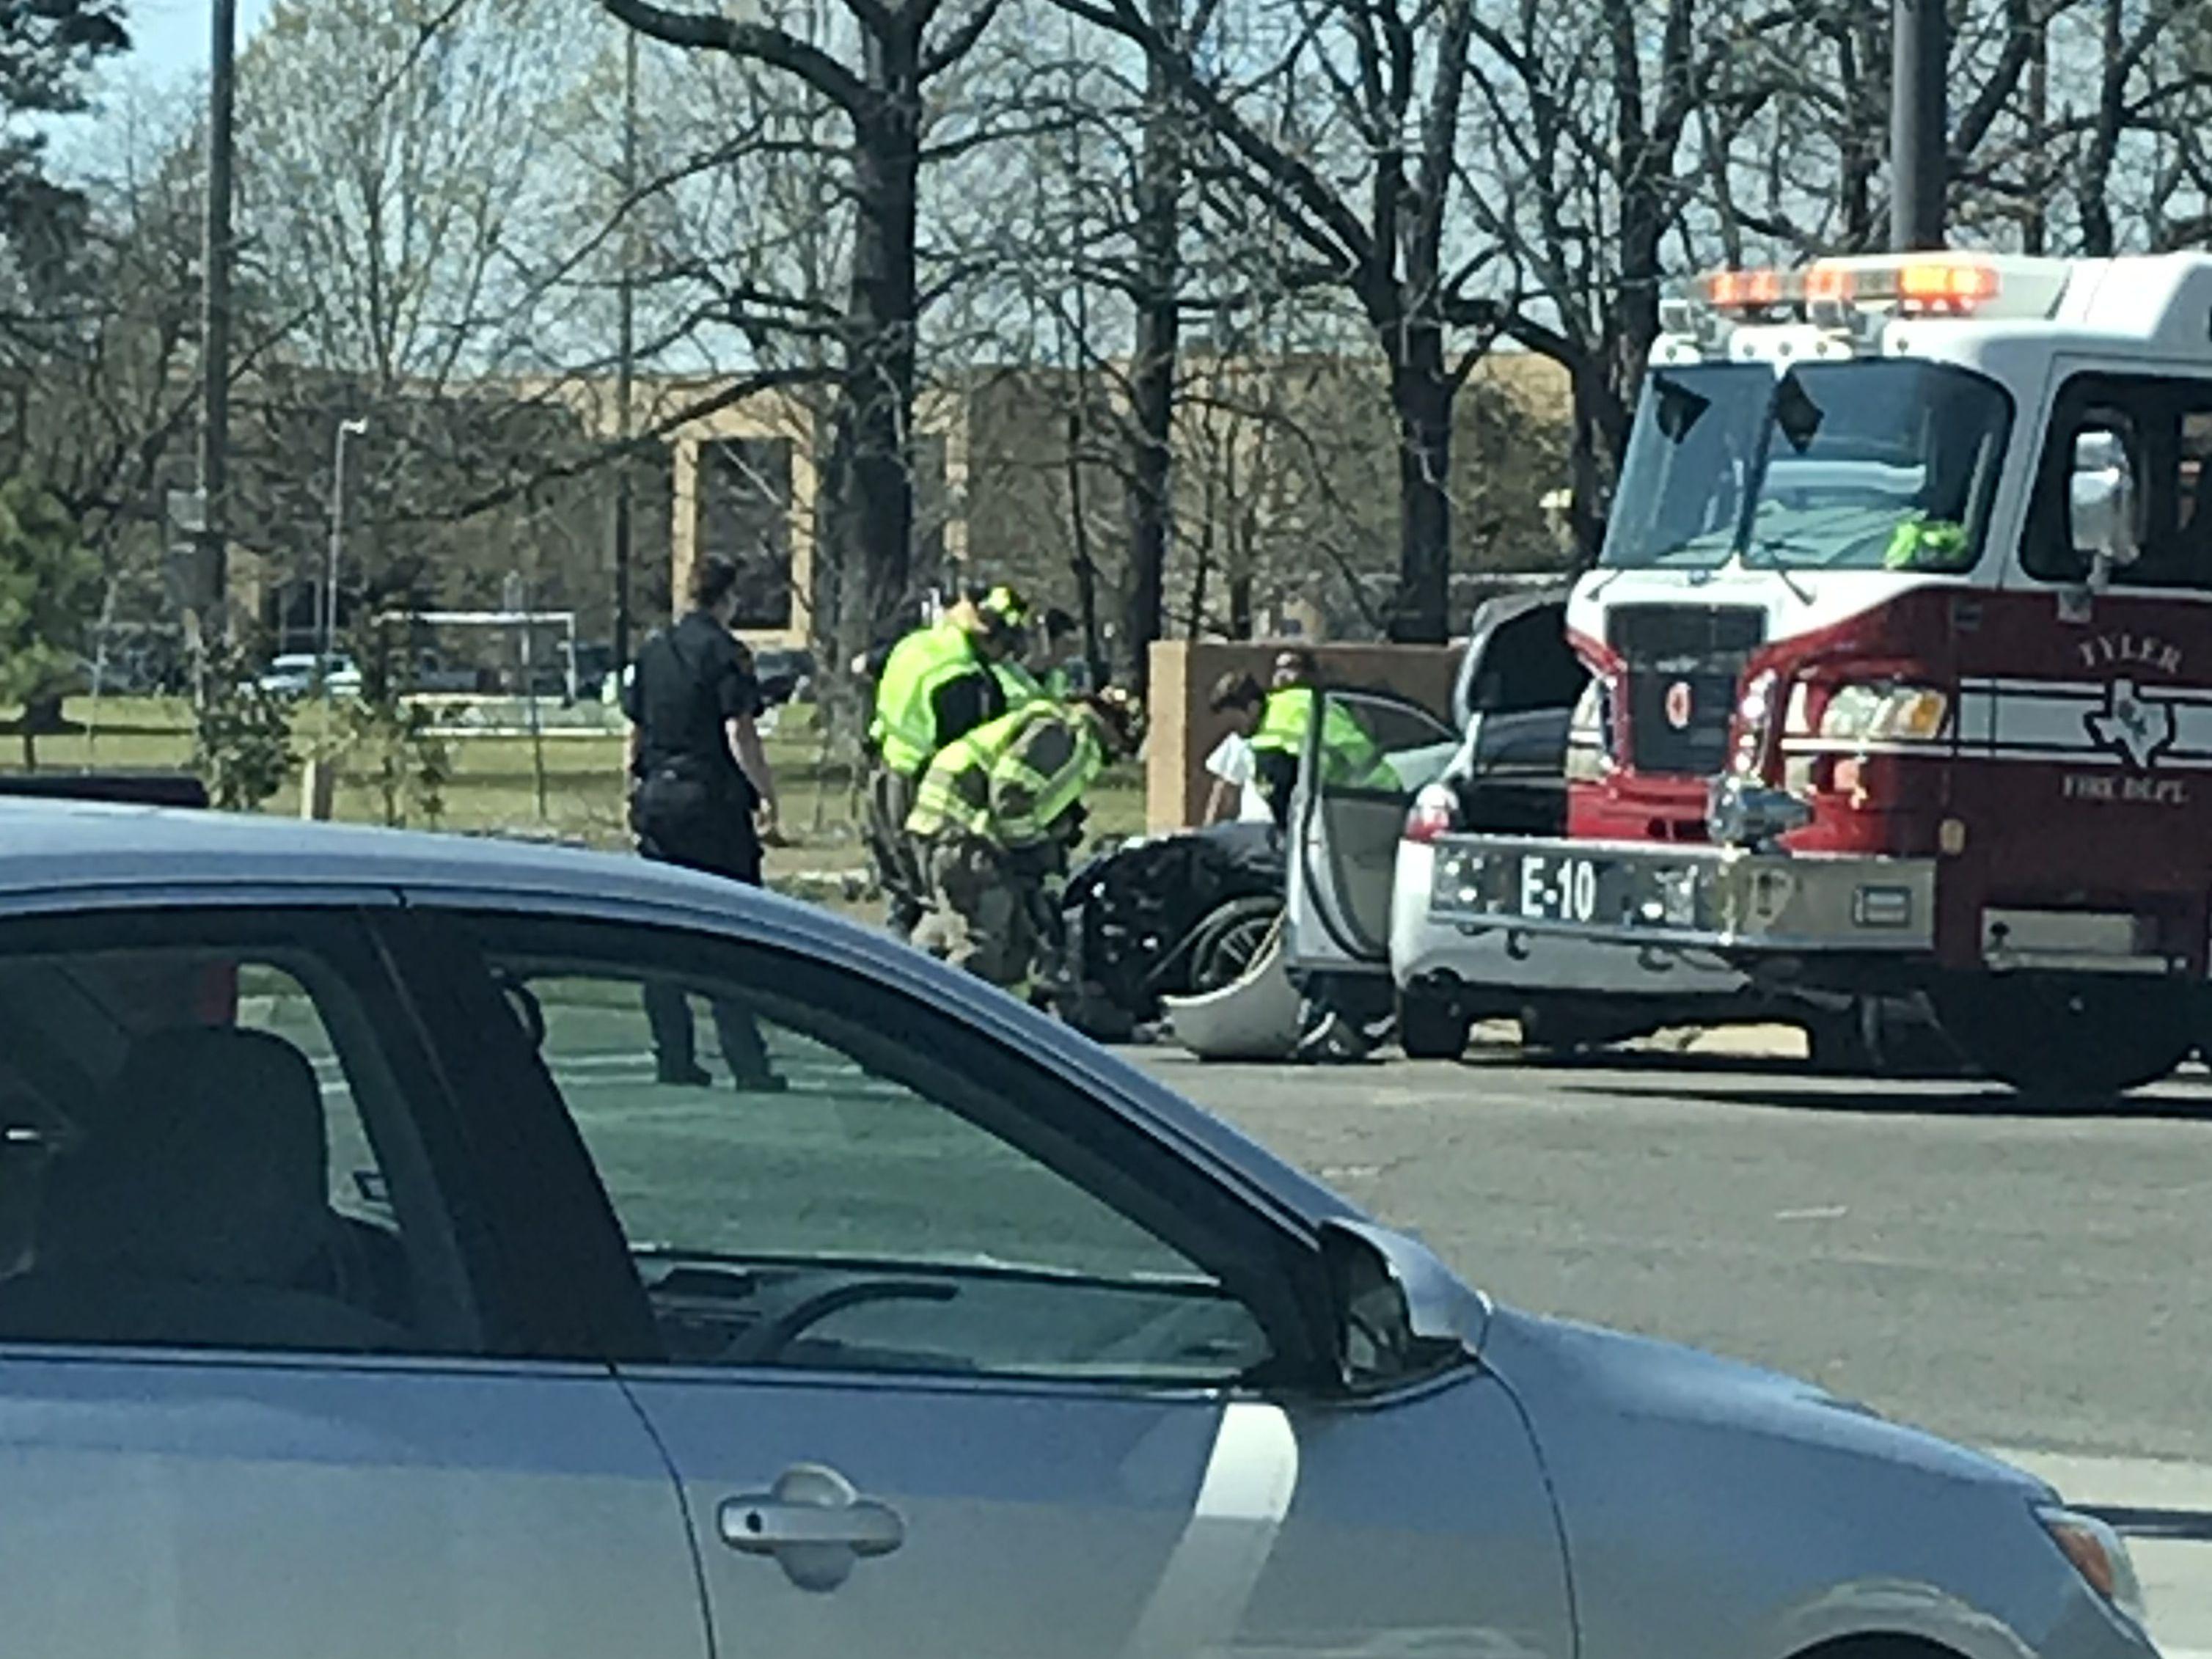 Crews responding to car crash near UT-Tyler